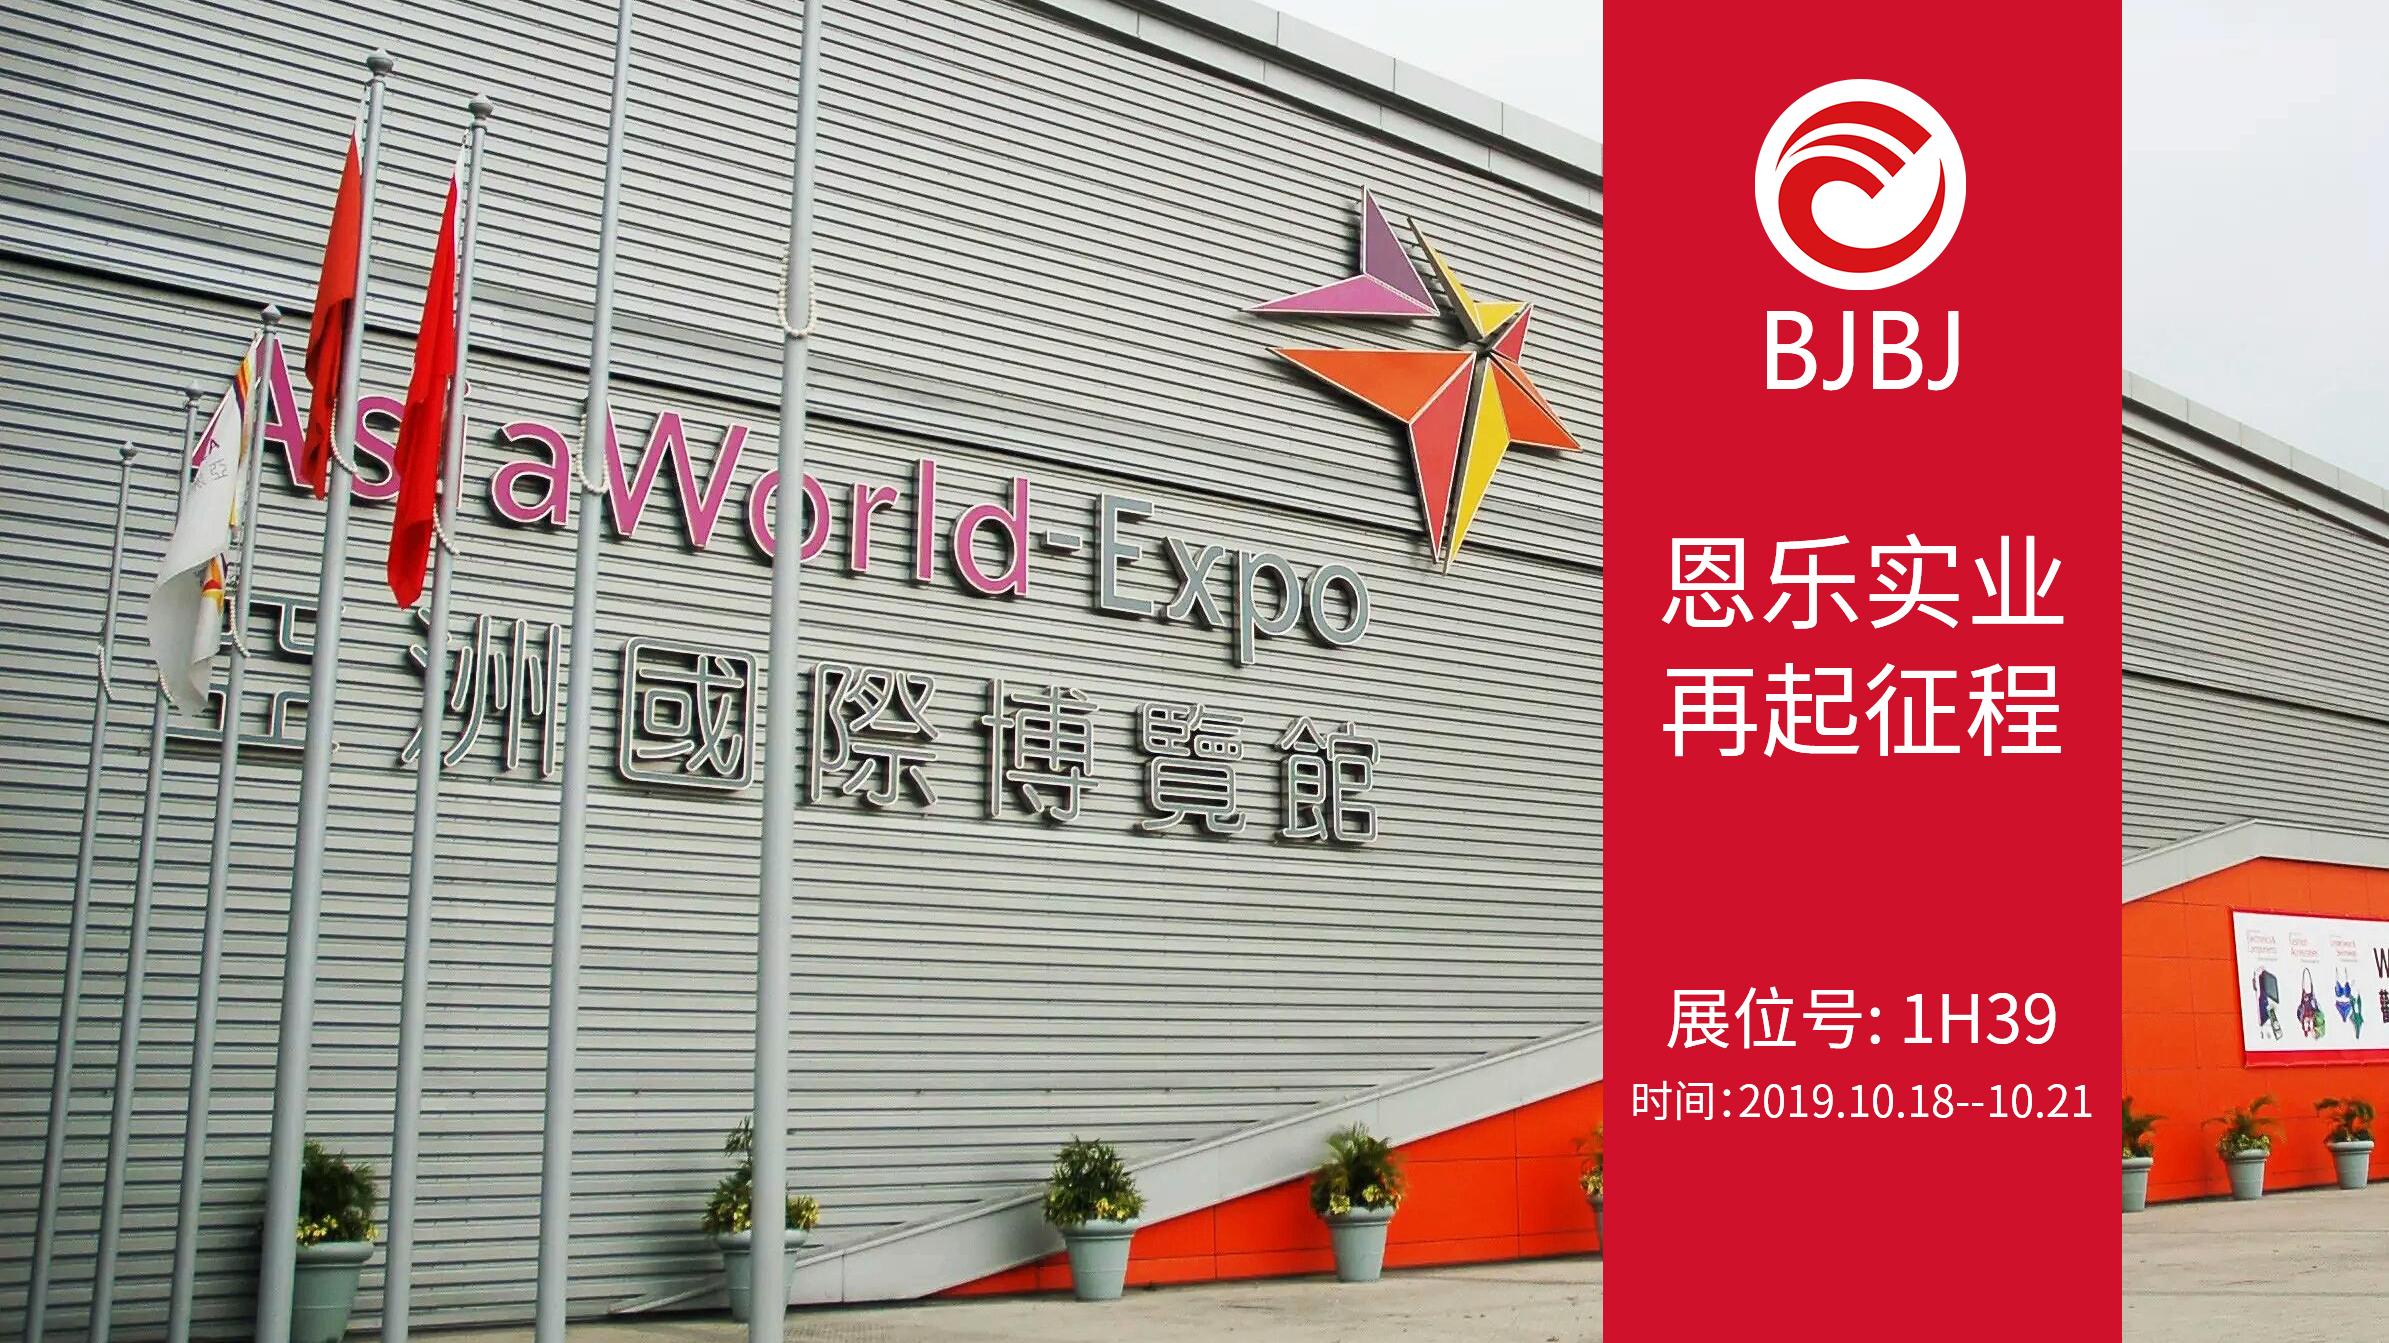 香港环球资源电子展 | BJBJ携精品参展,与科技同行!